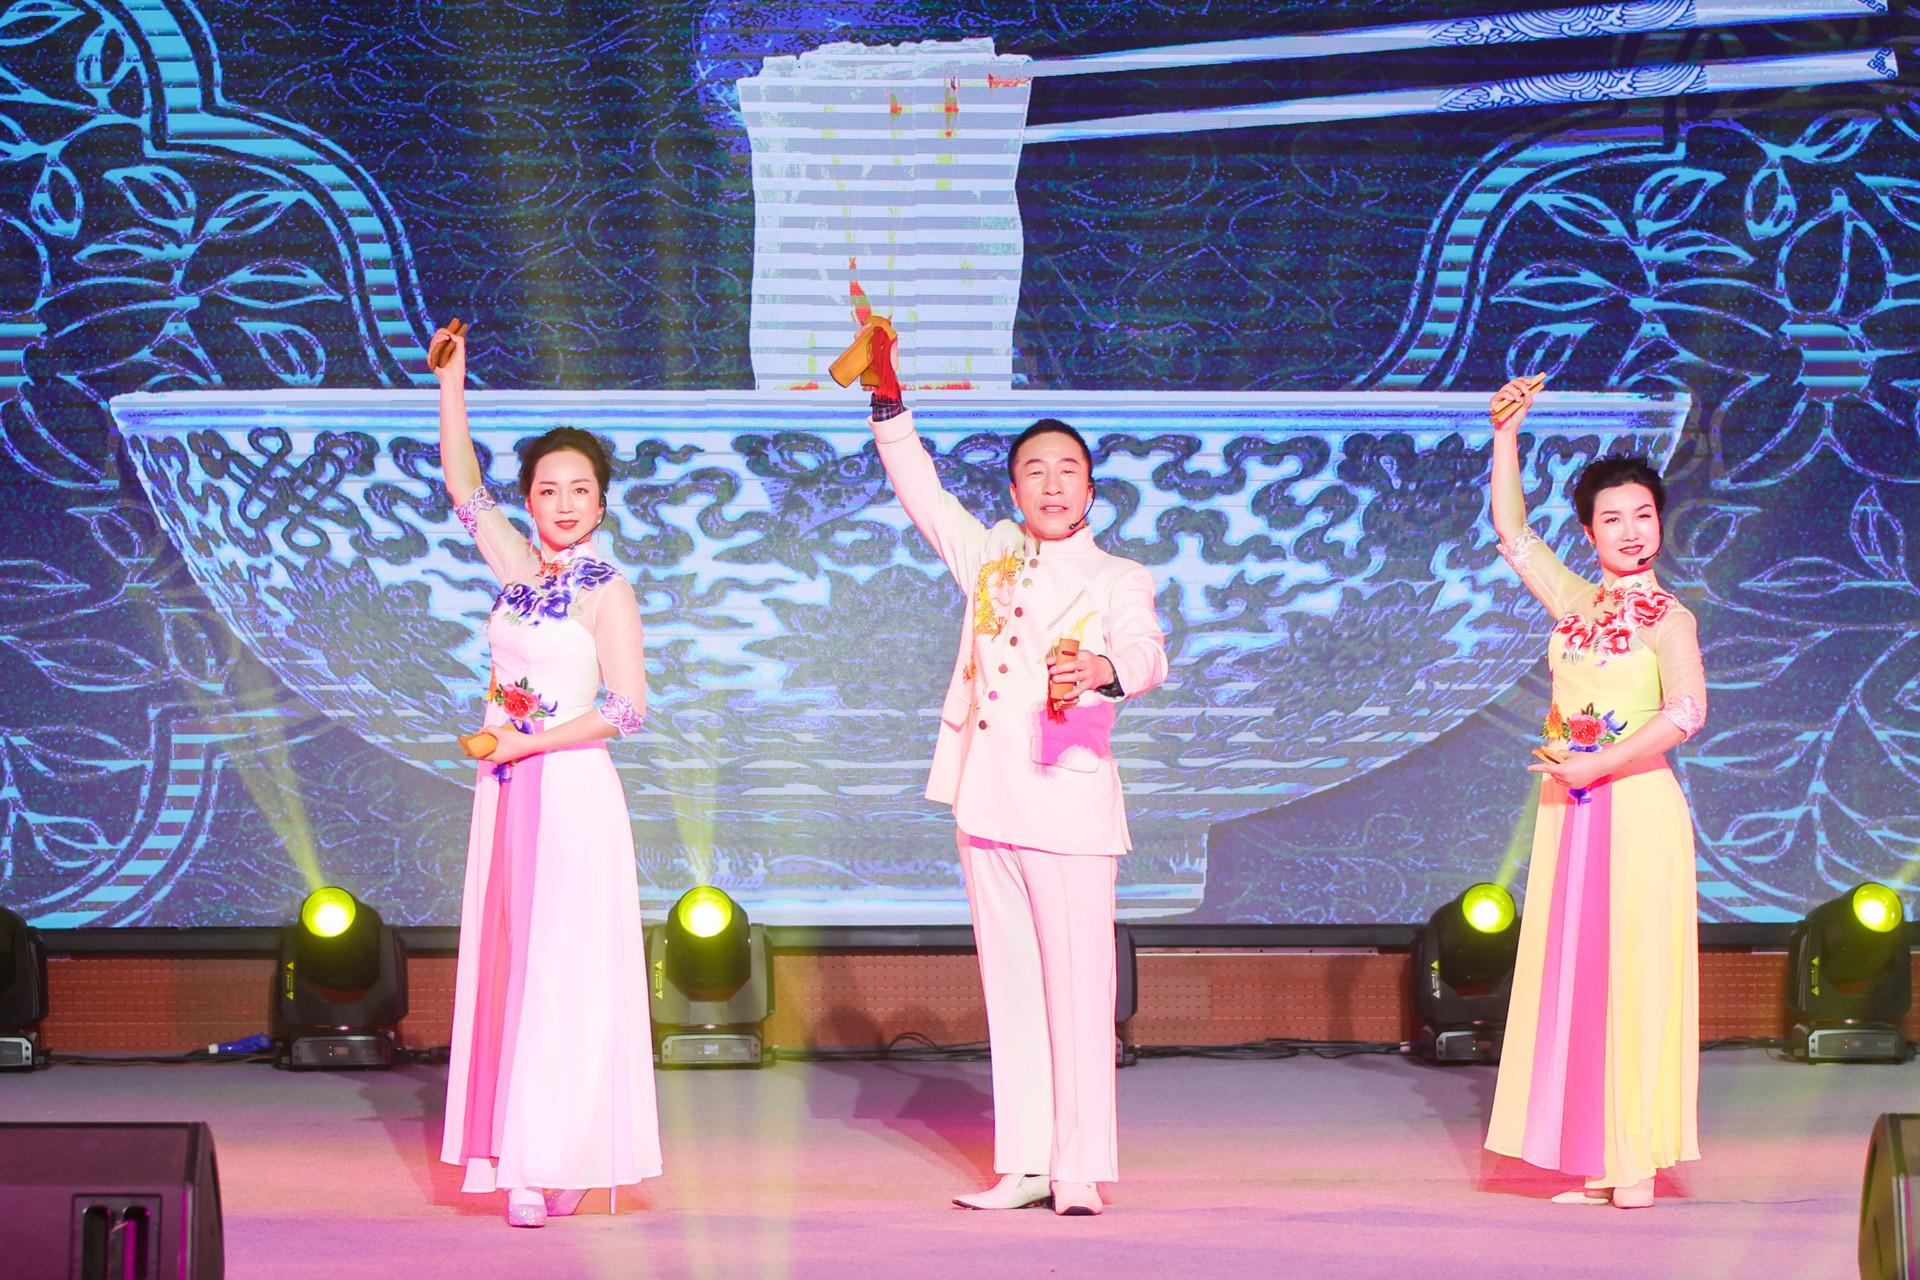 陕西2021春节假日文旅活动精彩纷呈、秩序井然